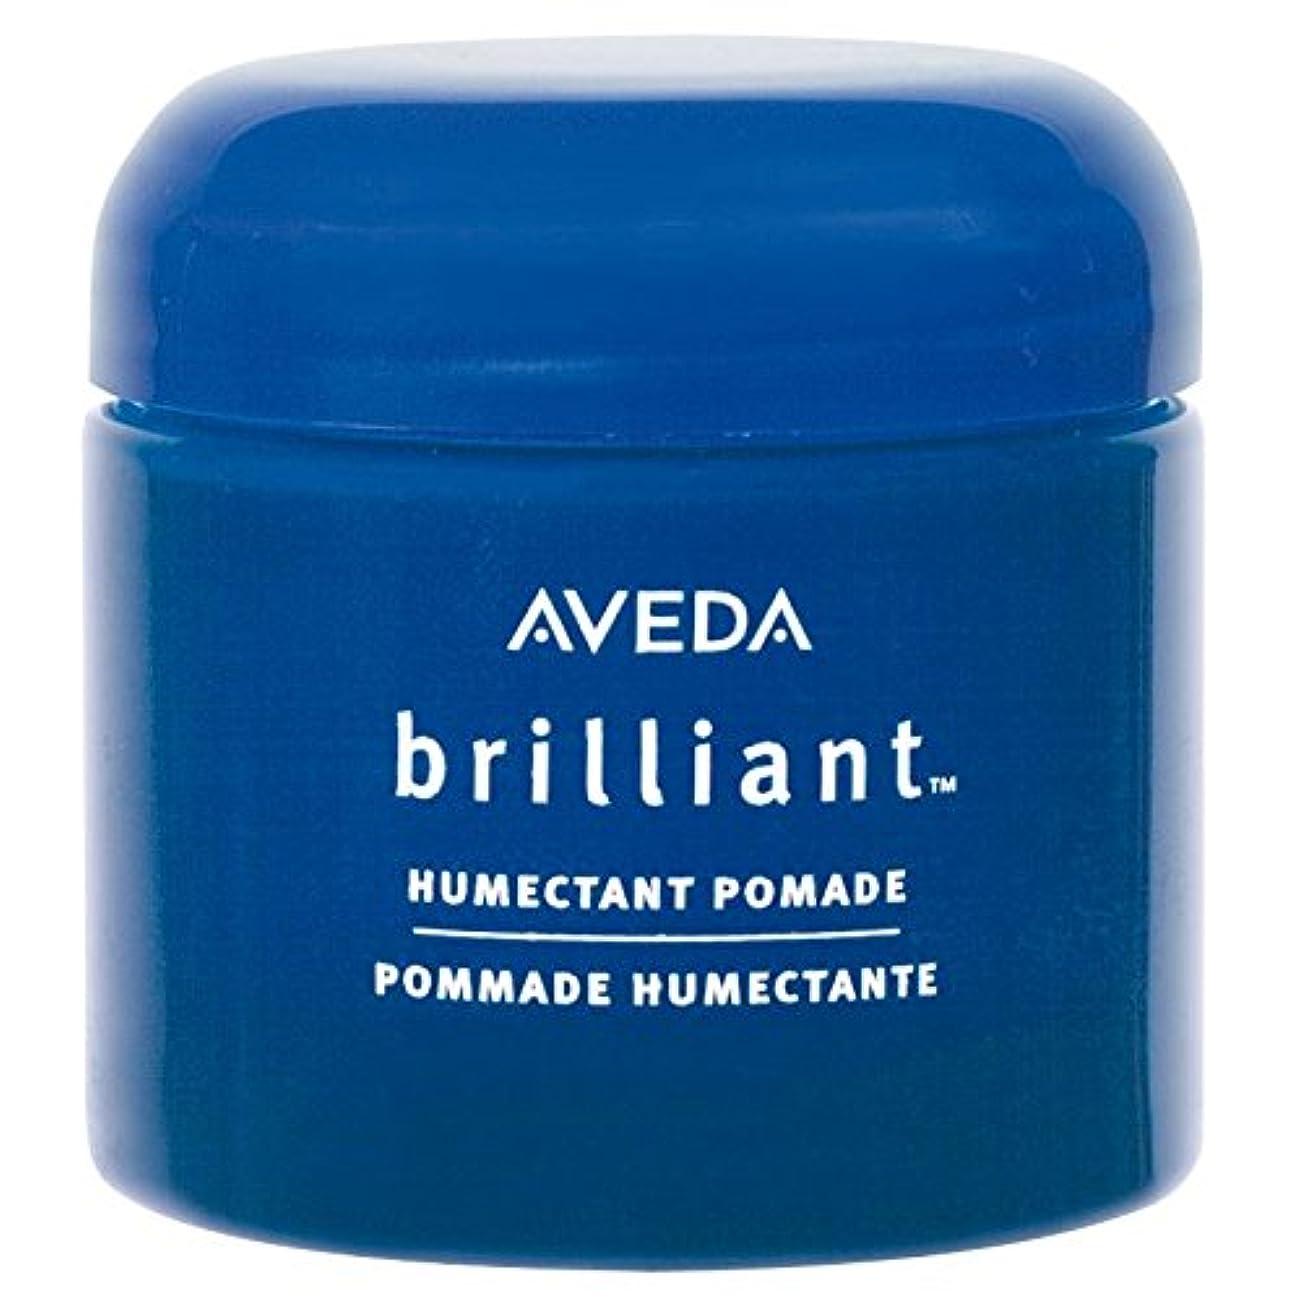 信条鉄補償[AVEDA] アヴェダ華麗な保湿剤のポマードの75ミリリットル - Aveda Brilliant Humectant Pomade 75ml [並行輸入品]